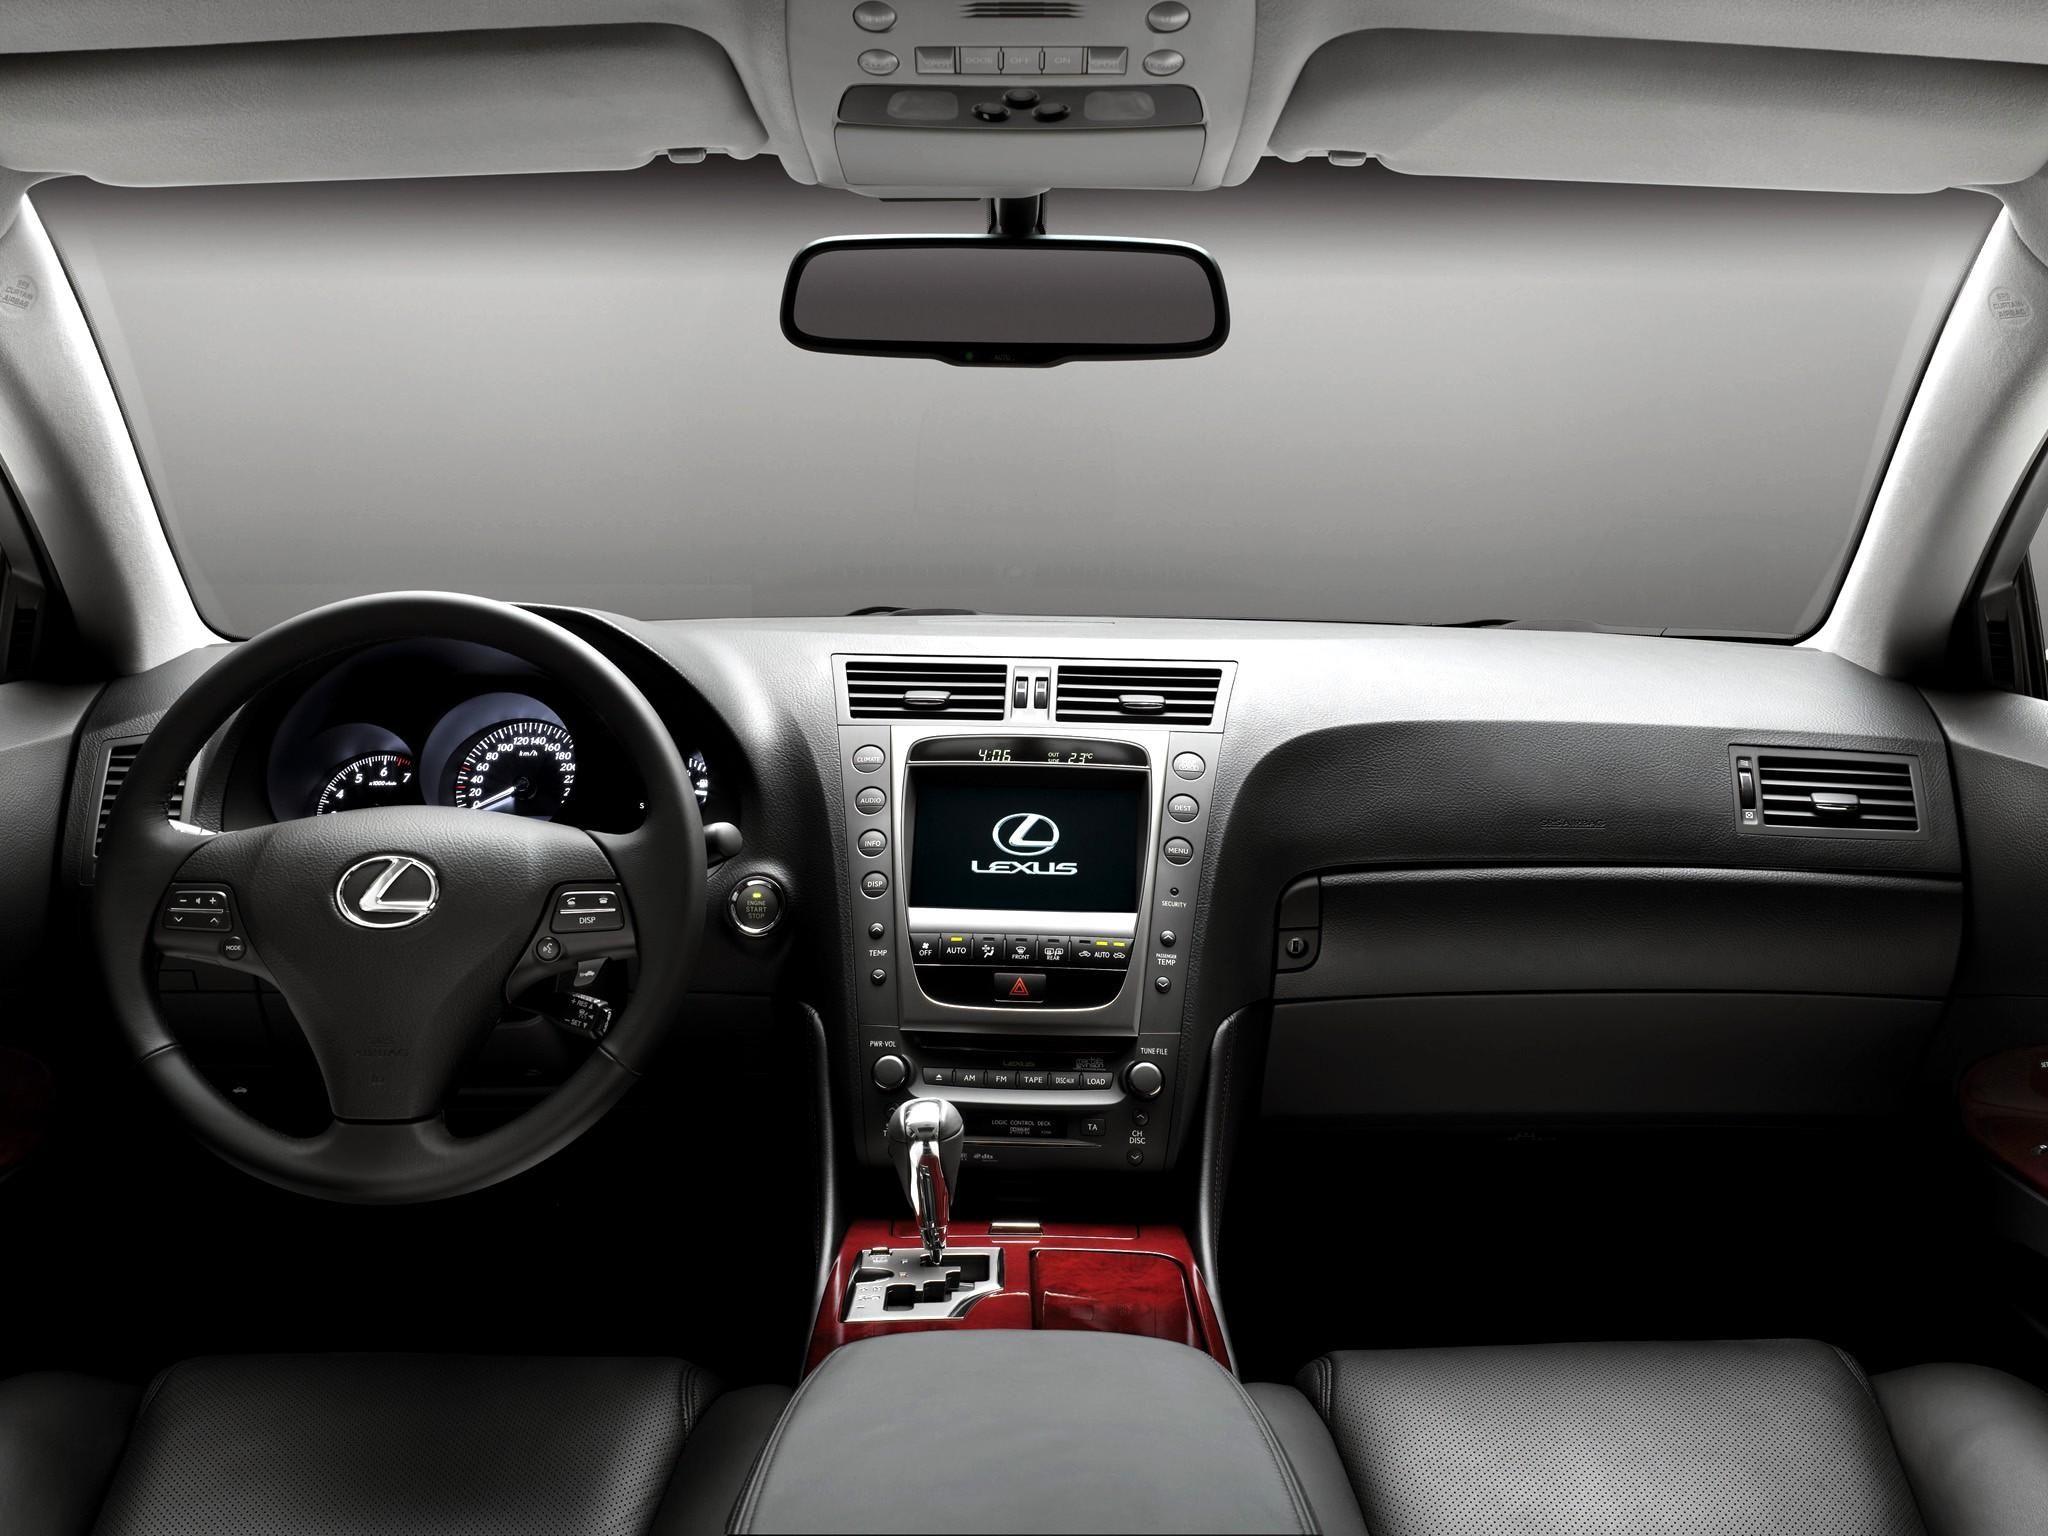 Lexus Gs 300 High Definition Wallpapers Lexus Lexus Gs300 300 Wallpaper